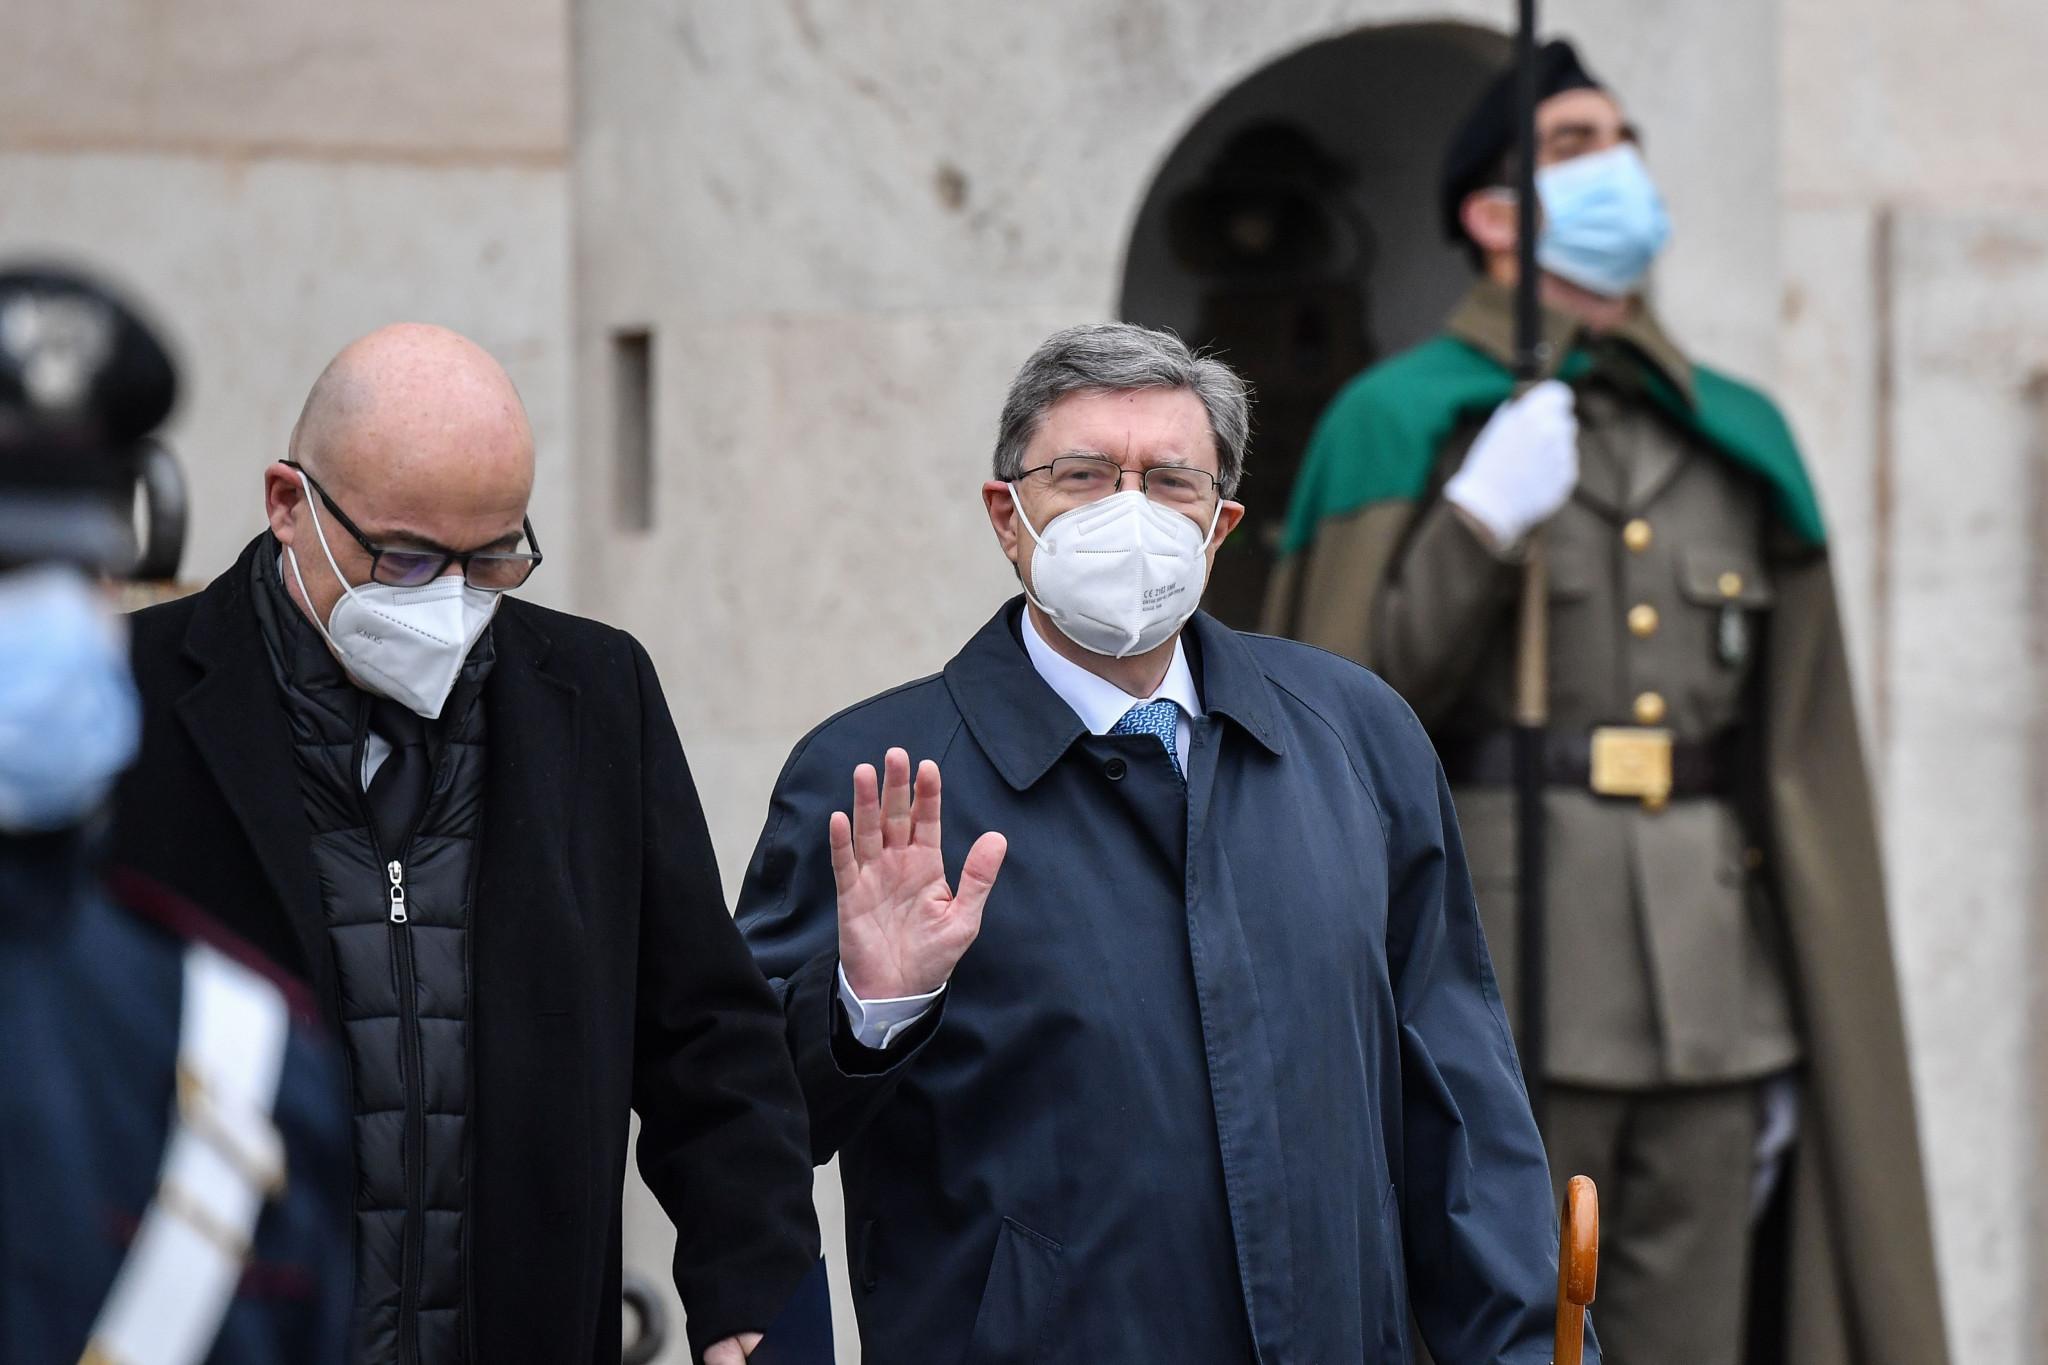 Il ministro dei Trasporti italiano Enrico Giovanini, a destra, ha nominato Alessandro Morelli alla carica © Getty Images